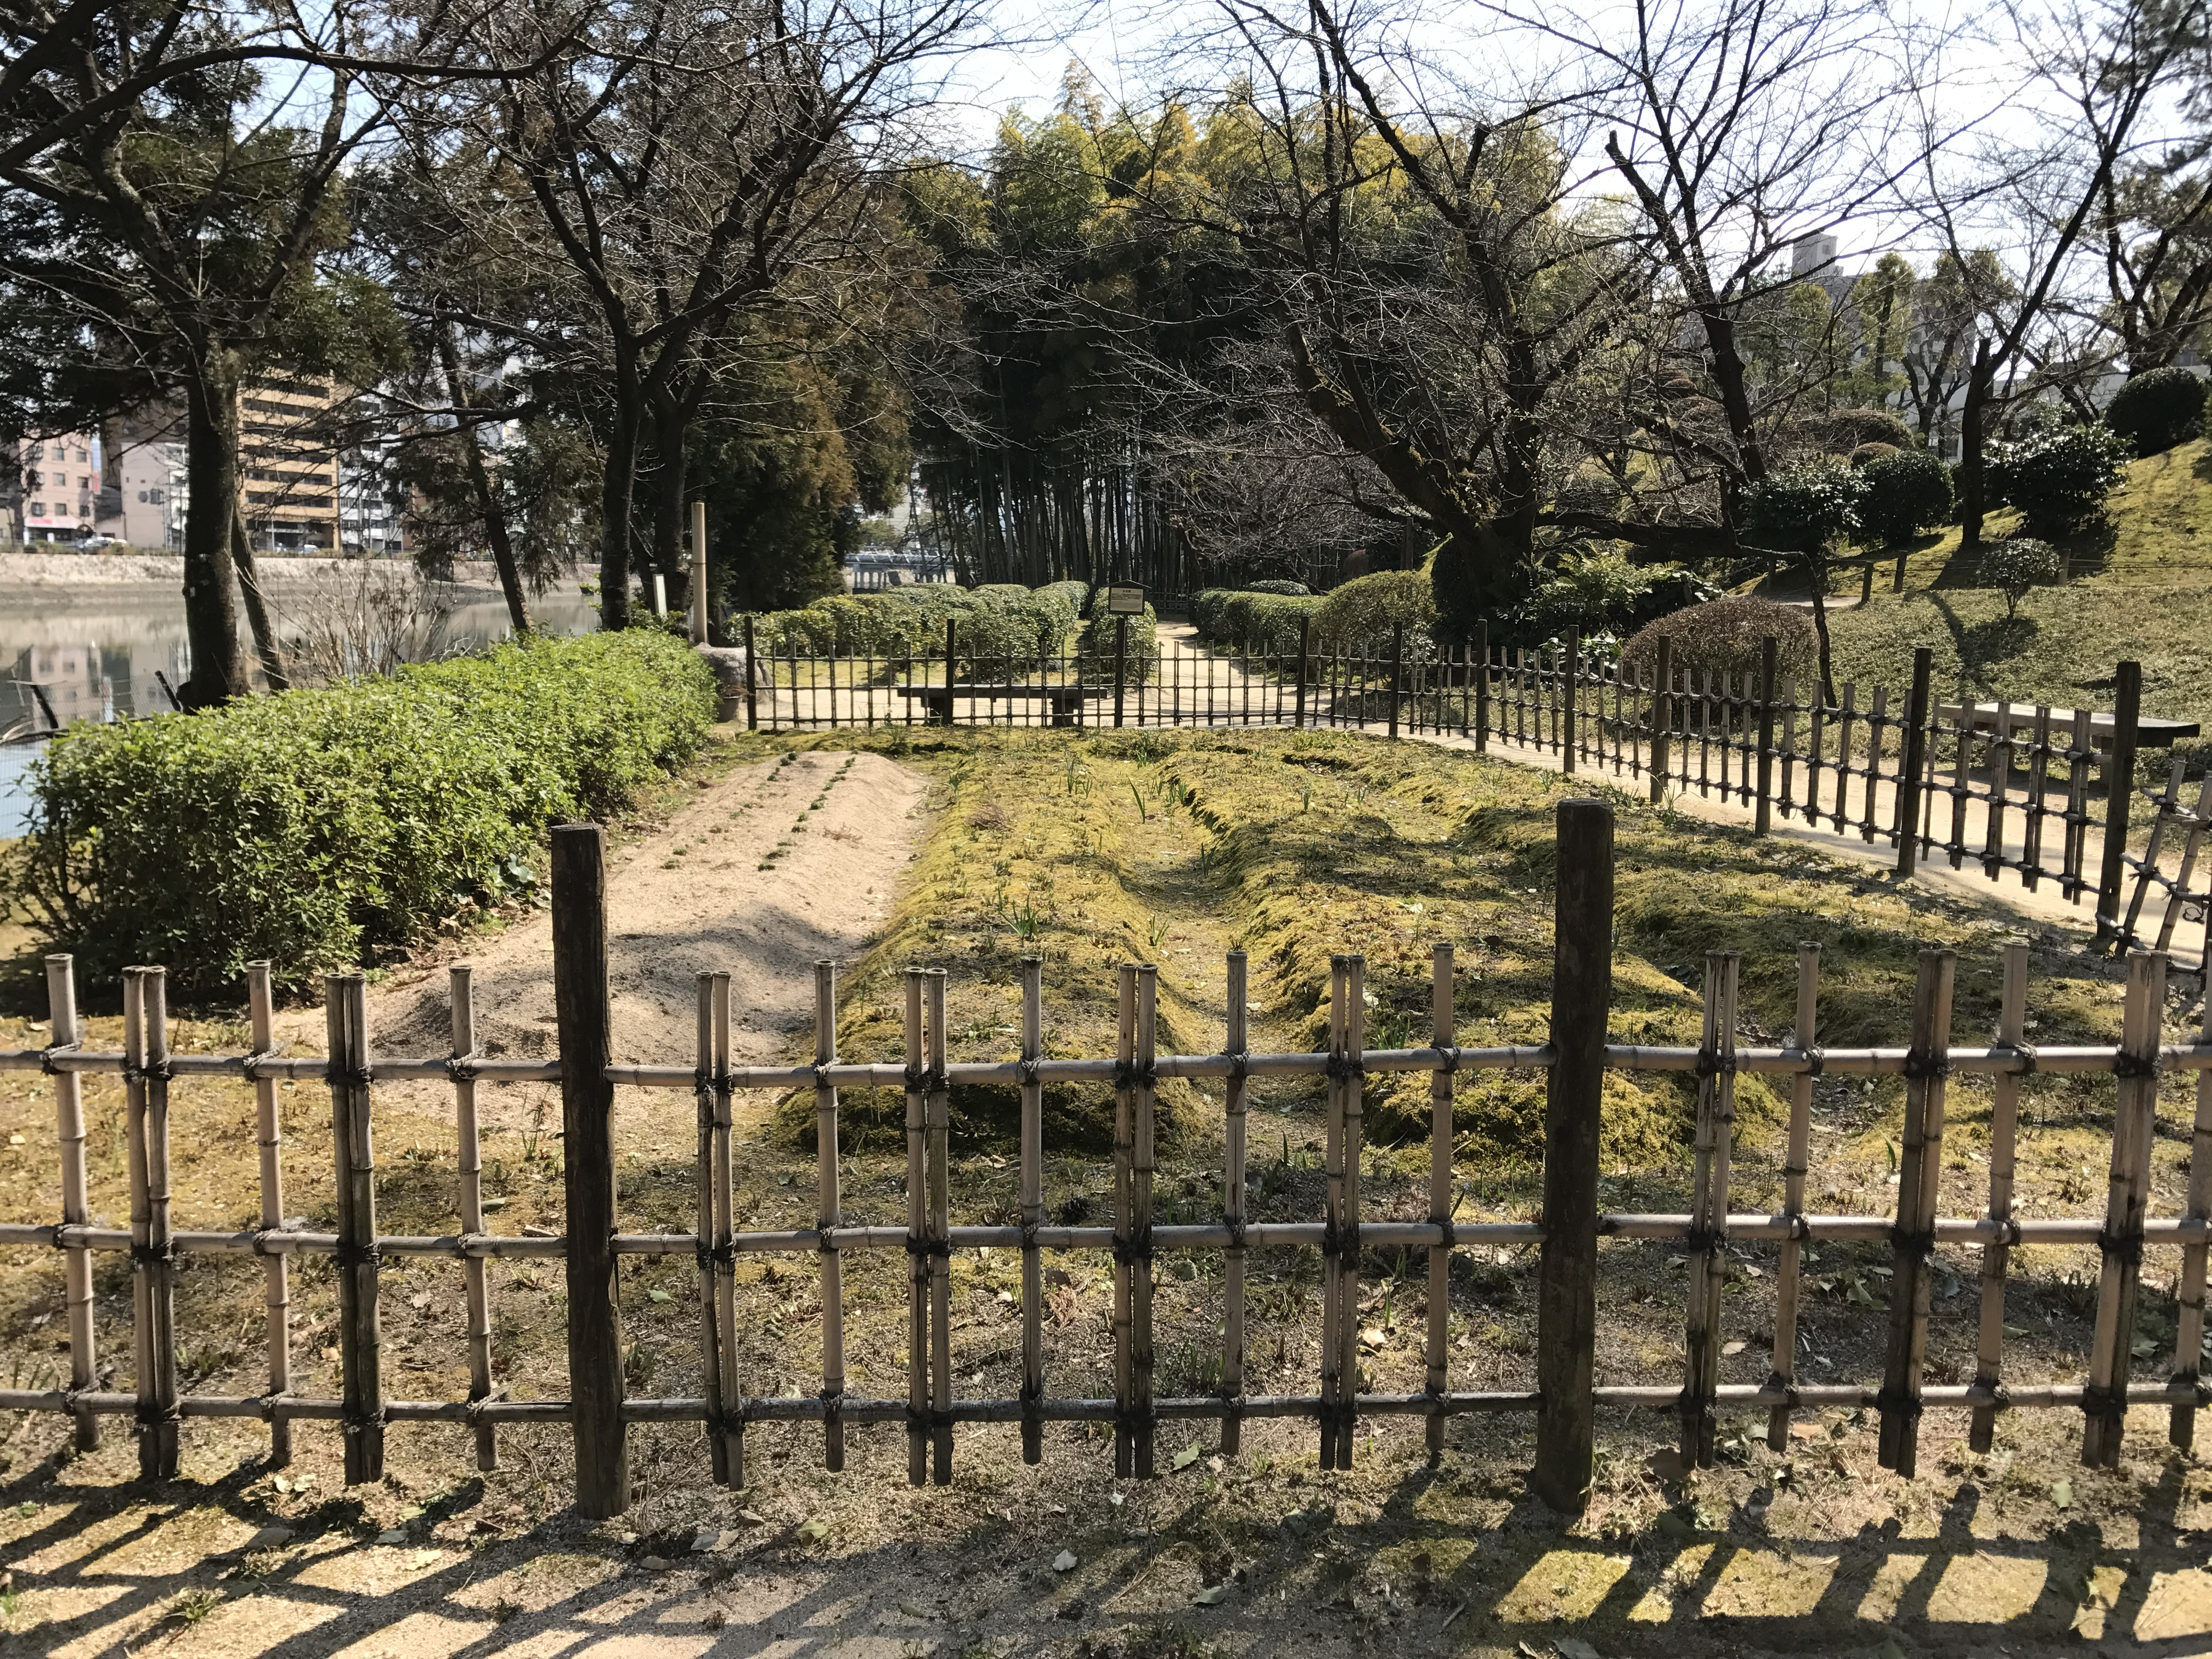 File:Kosaiso Field in Shukkei Garden.jpg - Wikimedia Commons